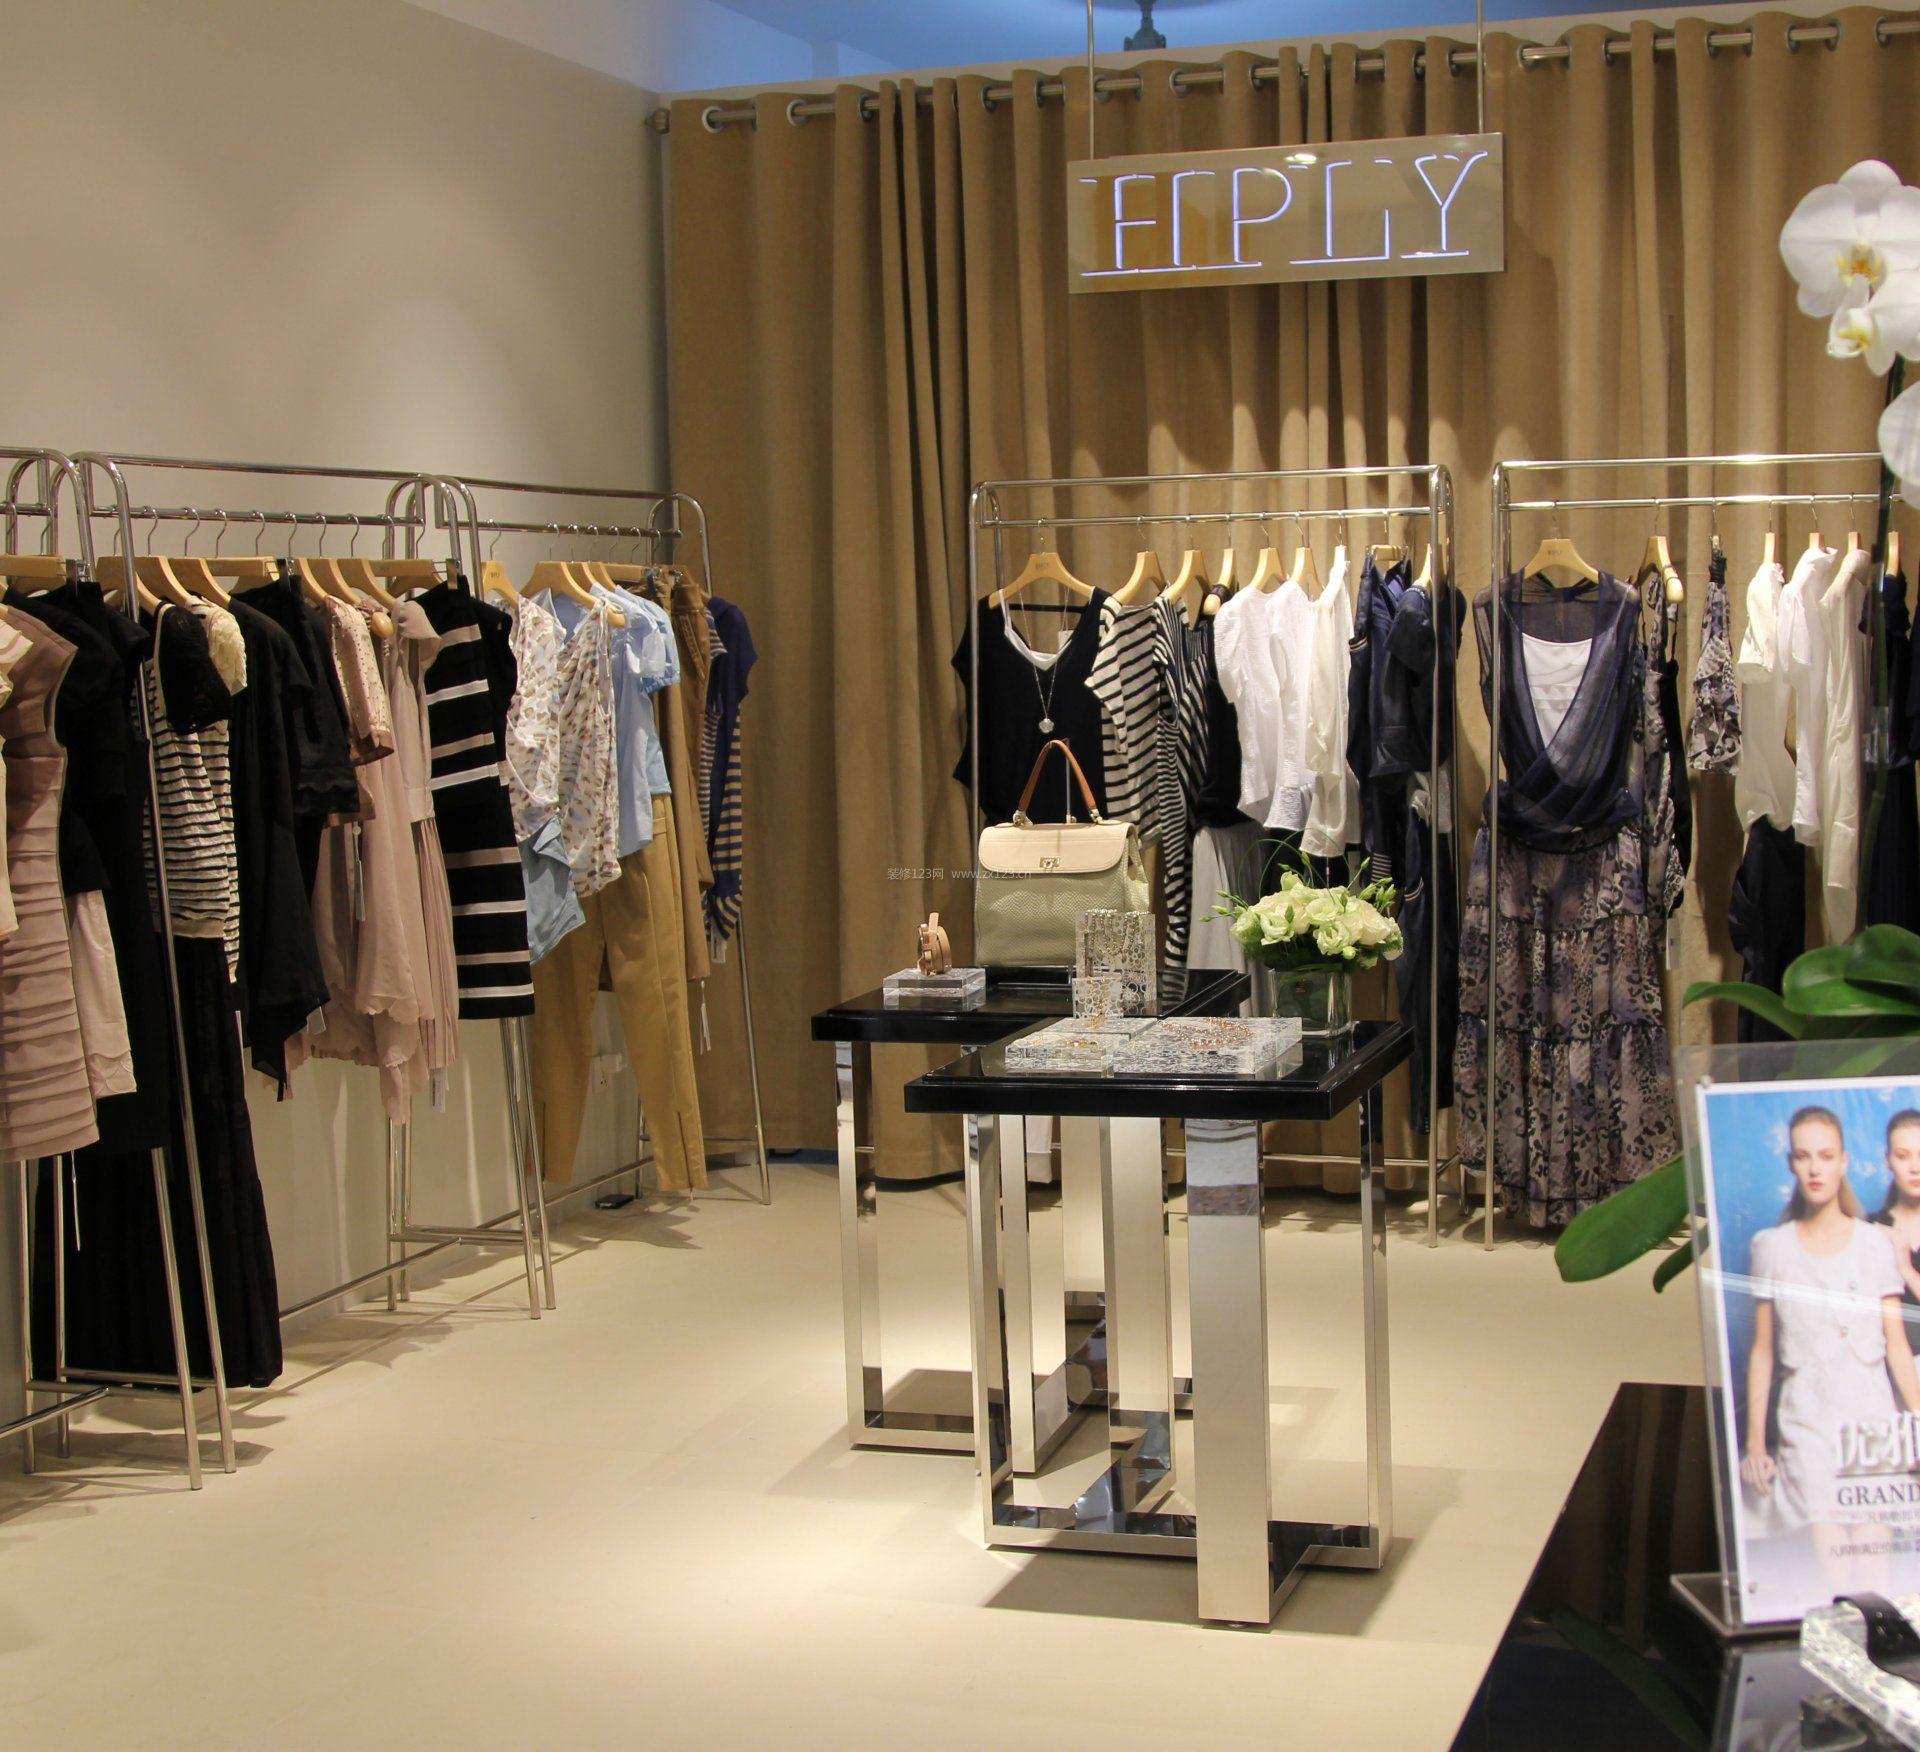 小型女服装店室内挂衣架装修效果图片